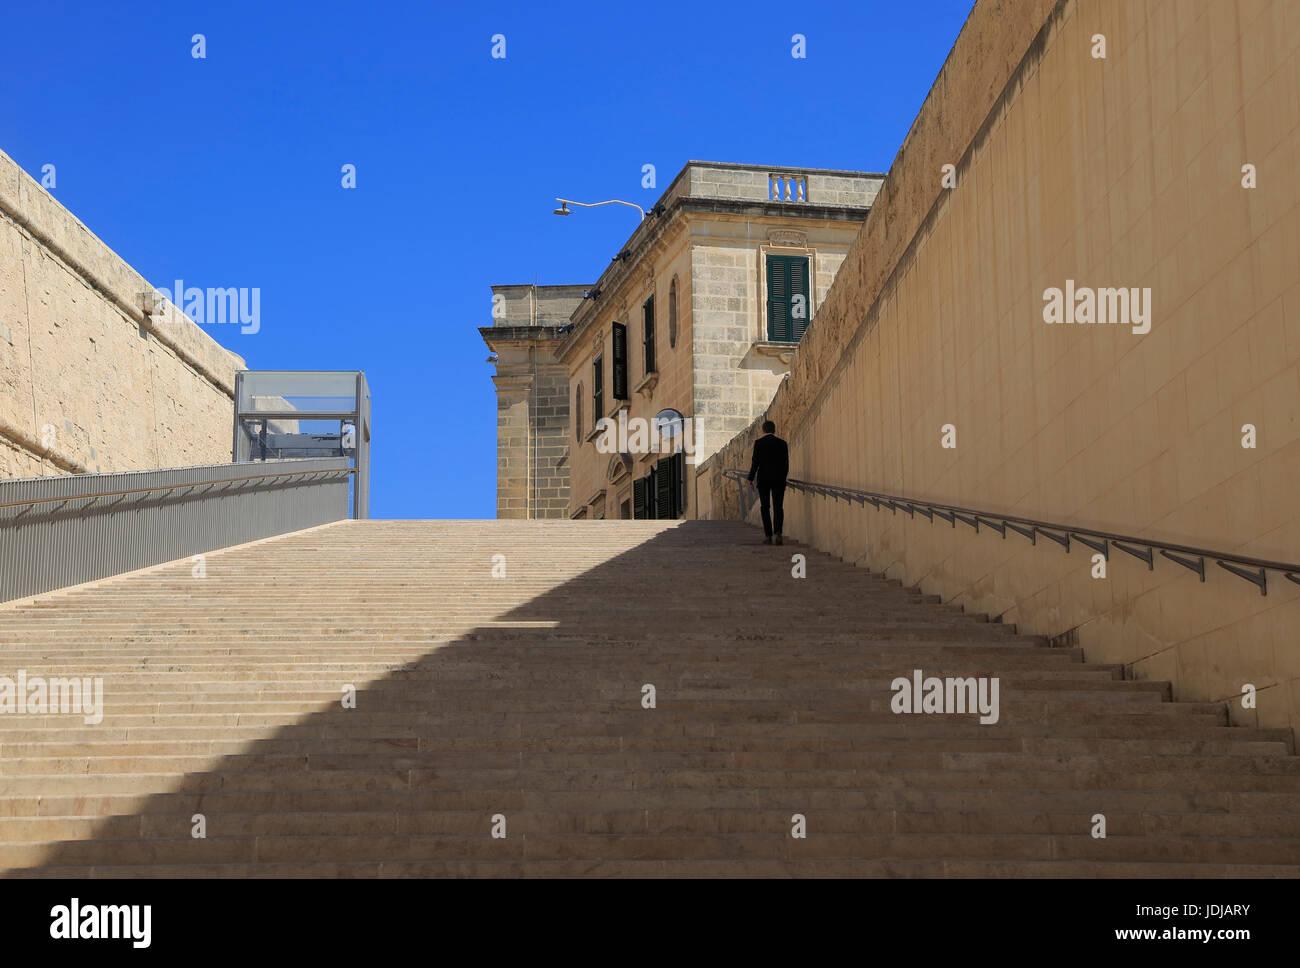 Henzo Steps